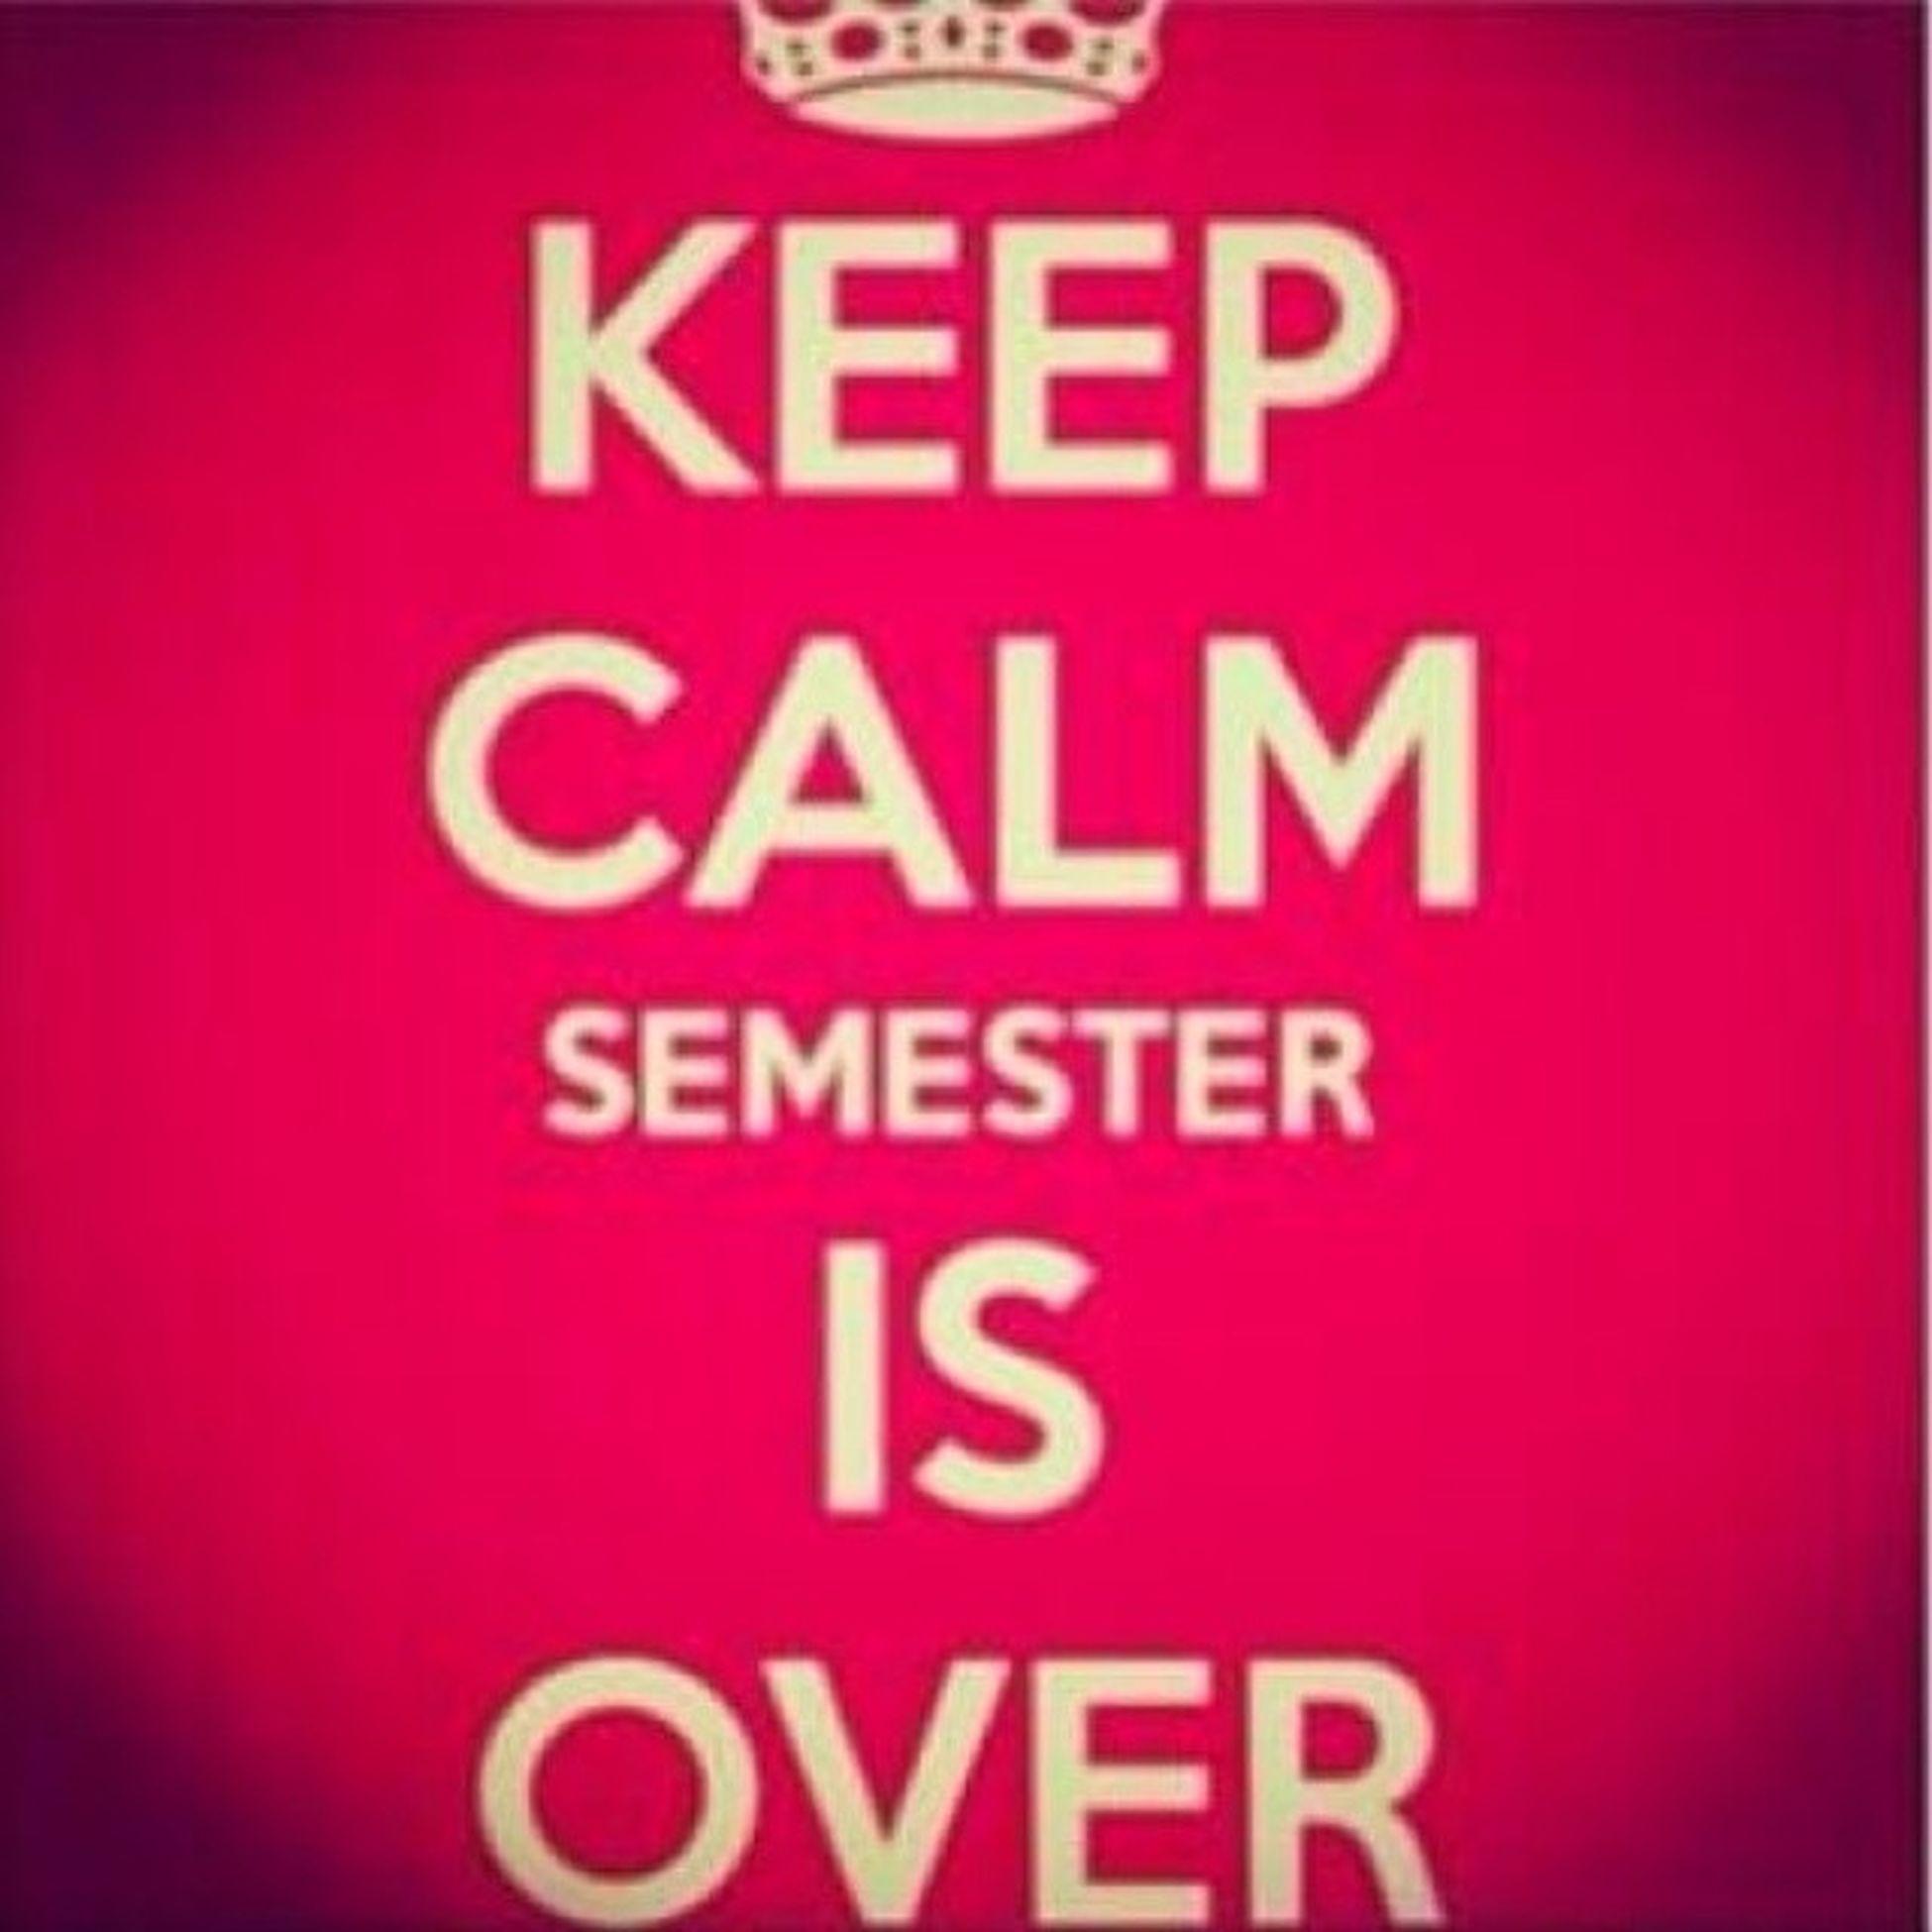 Yayyyy!!! Happy Vacations Finally Semesterisover Icanbreath